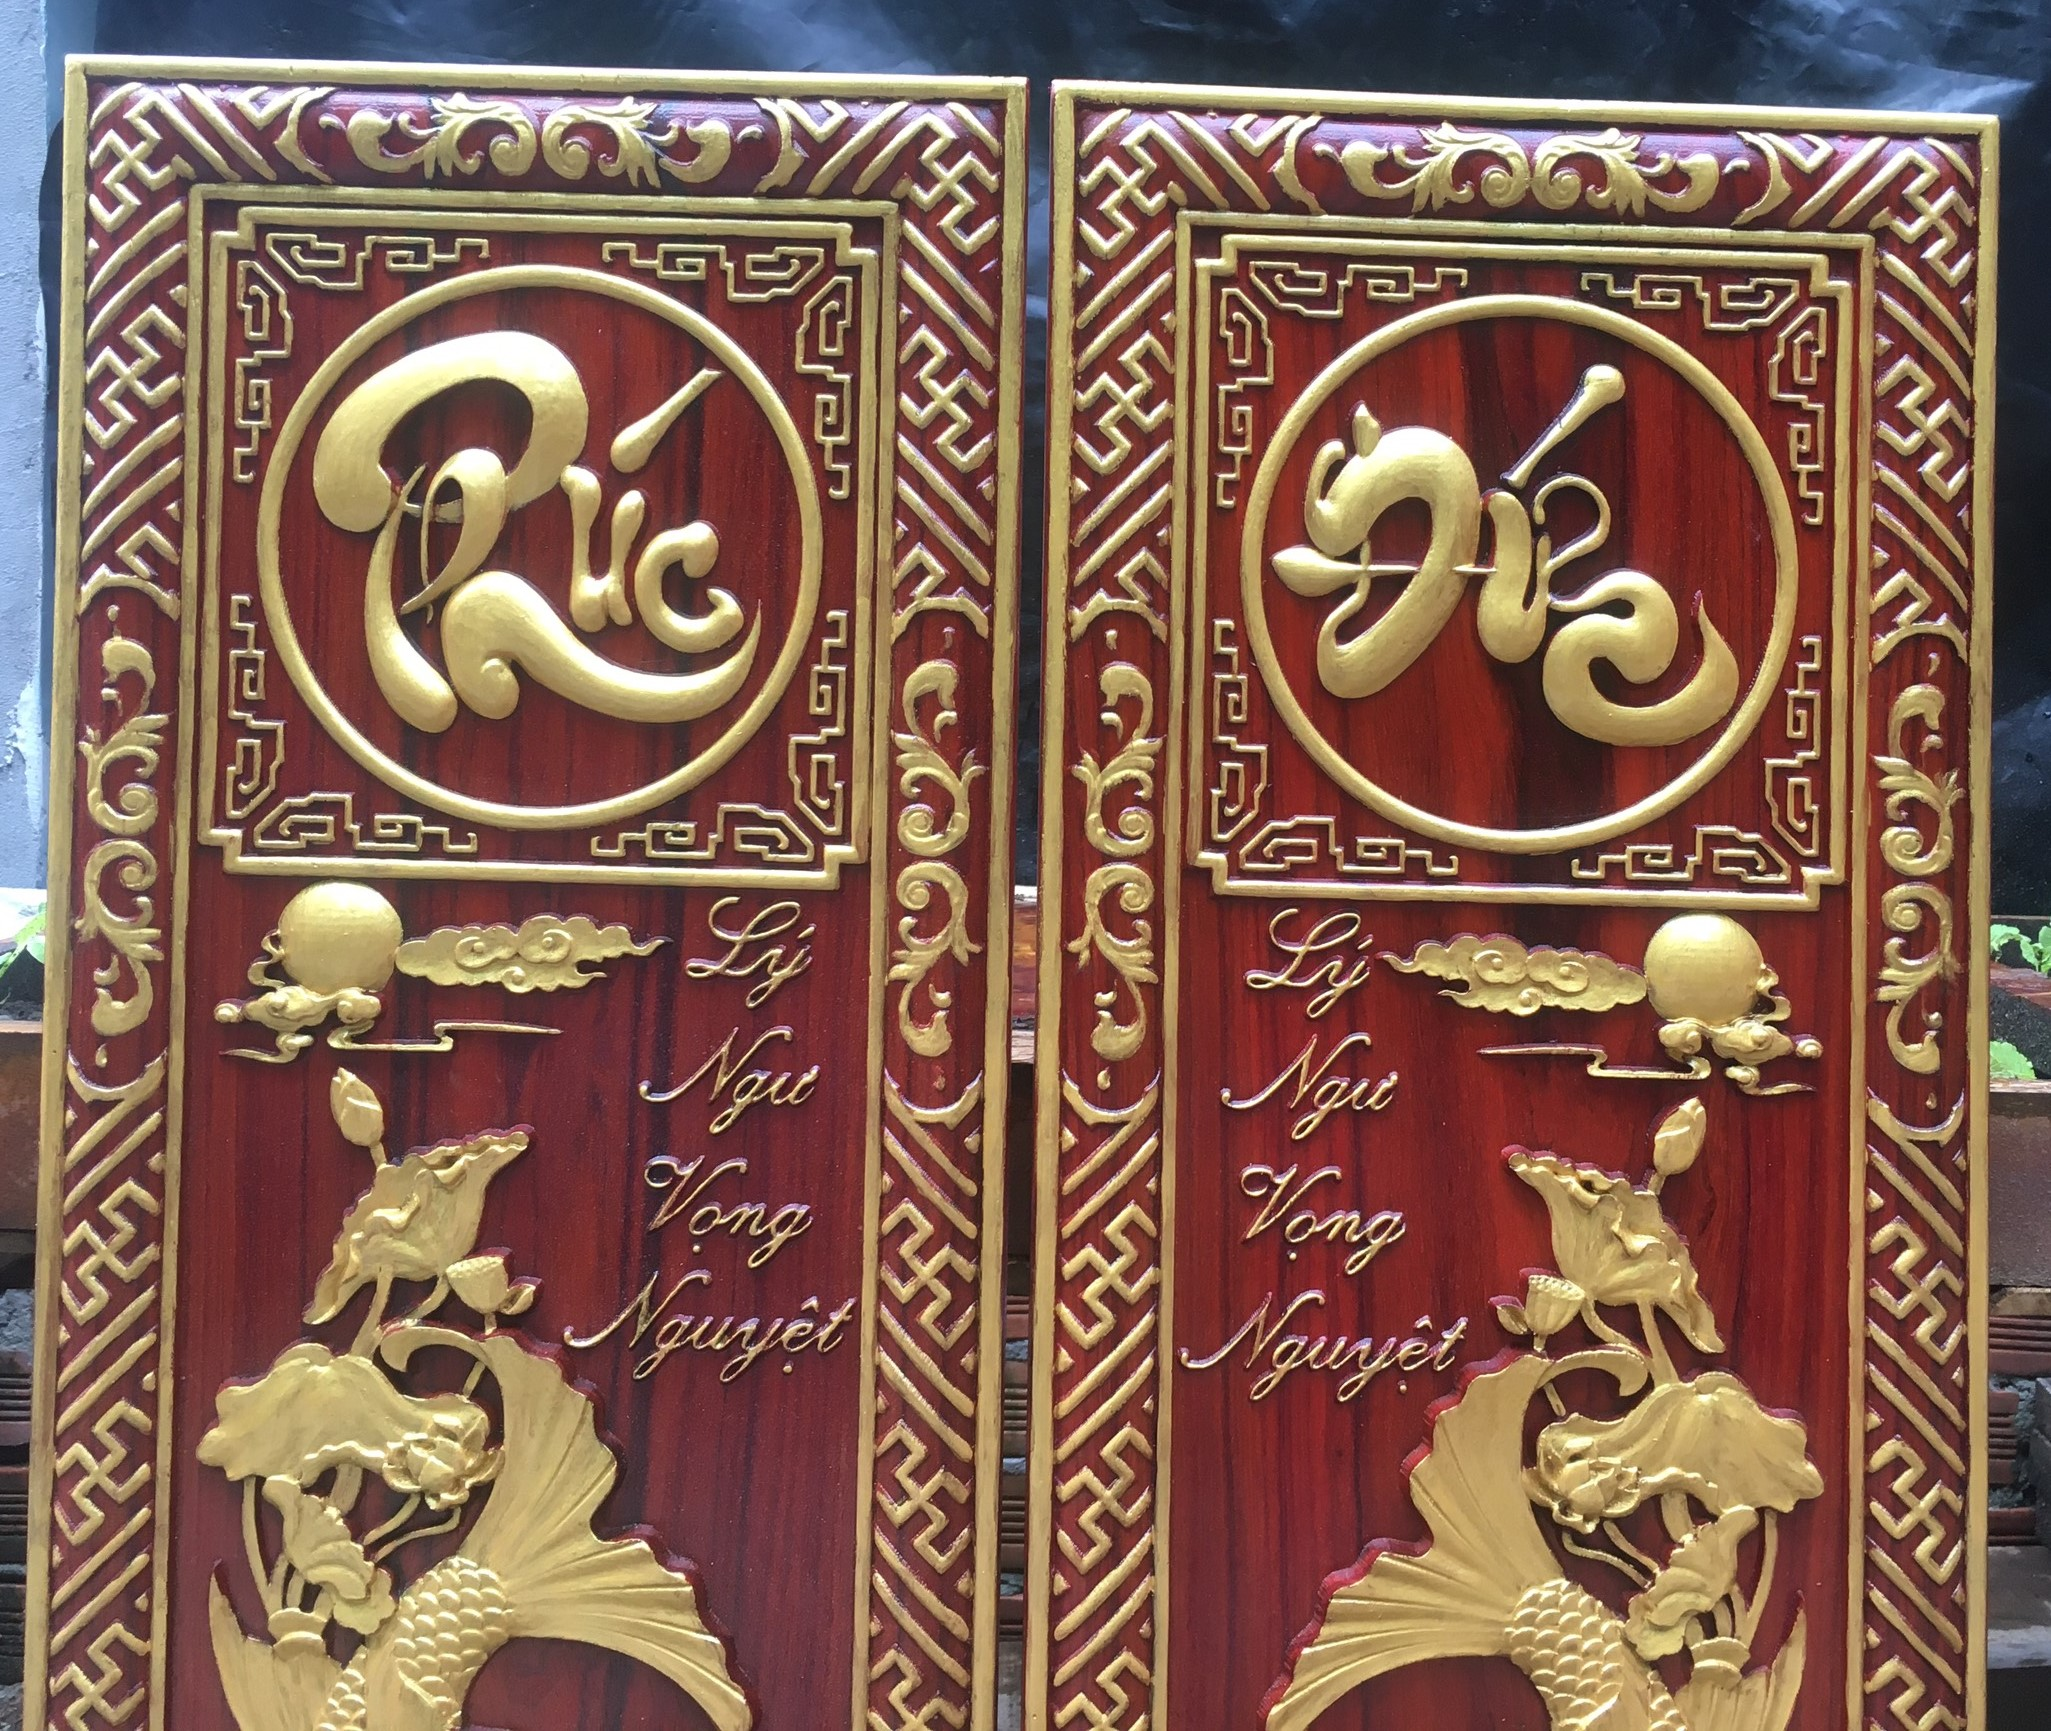 Cặp tranh Lý ngư vọng nguyệt - Cá chép trông trăng - kèm chữ PHÚC_ĐỨC gỗ Hương đỏ